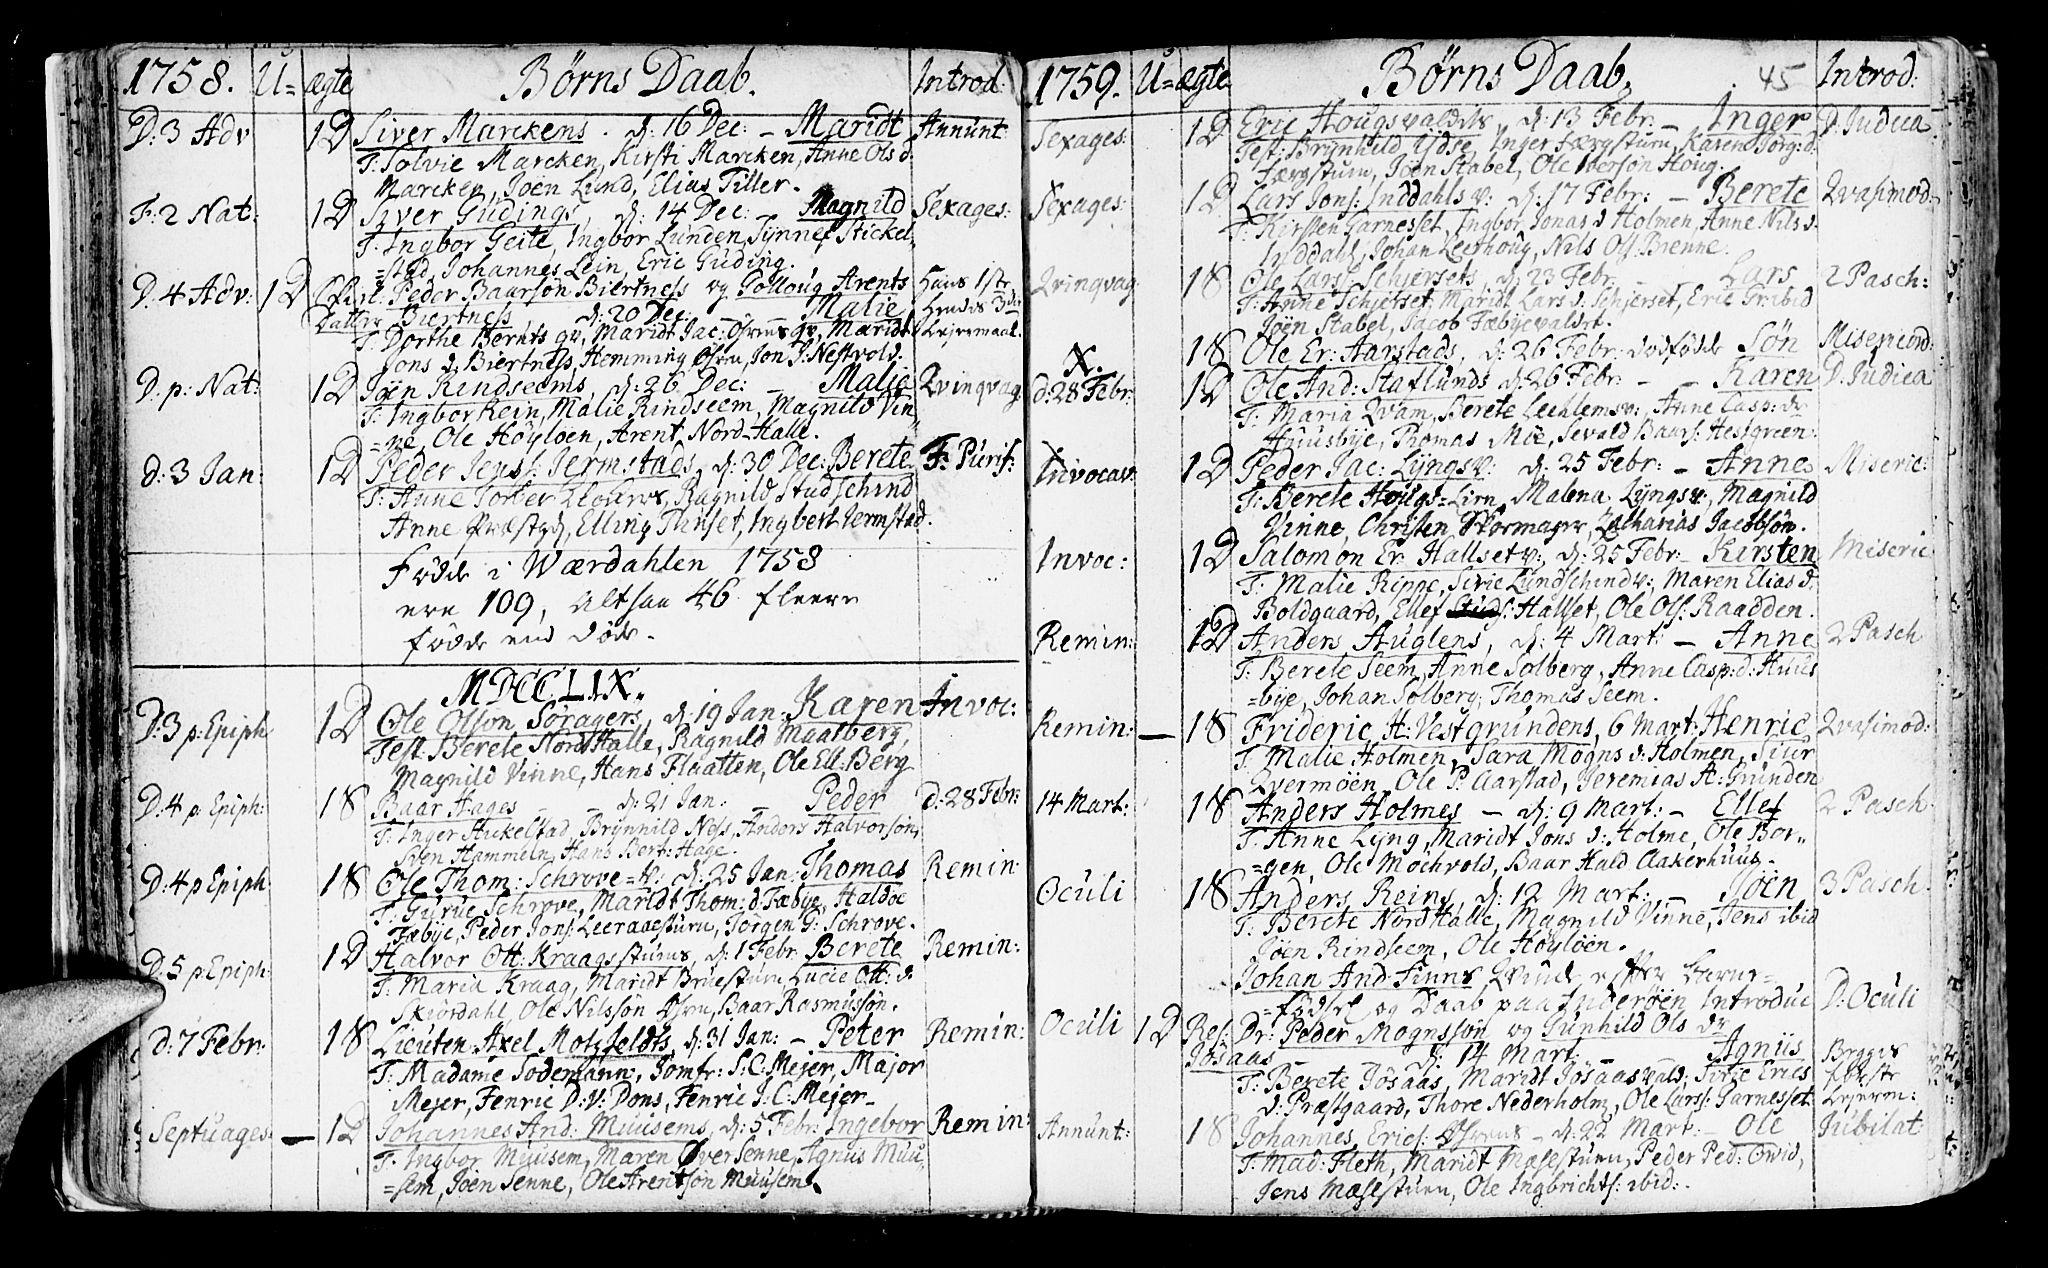 SAT, Ministerialprotokoller, klokkerbøker og fødselsregistre - Nord-Trøndelag, 723/L0231: Ministerialbok nr. 723A02, 1748-1780, s. 45